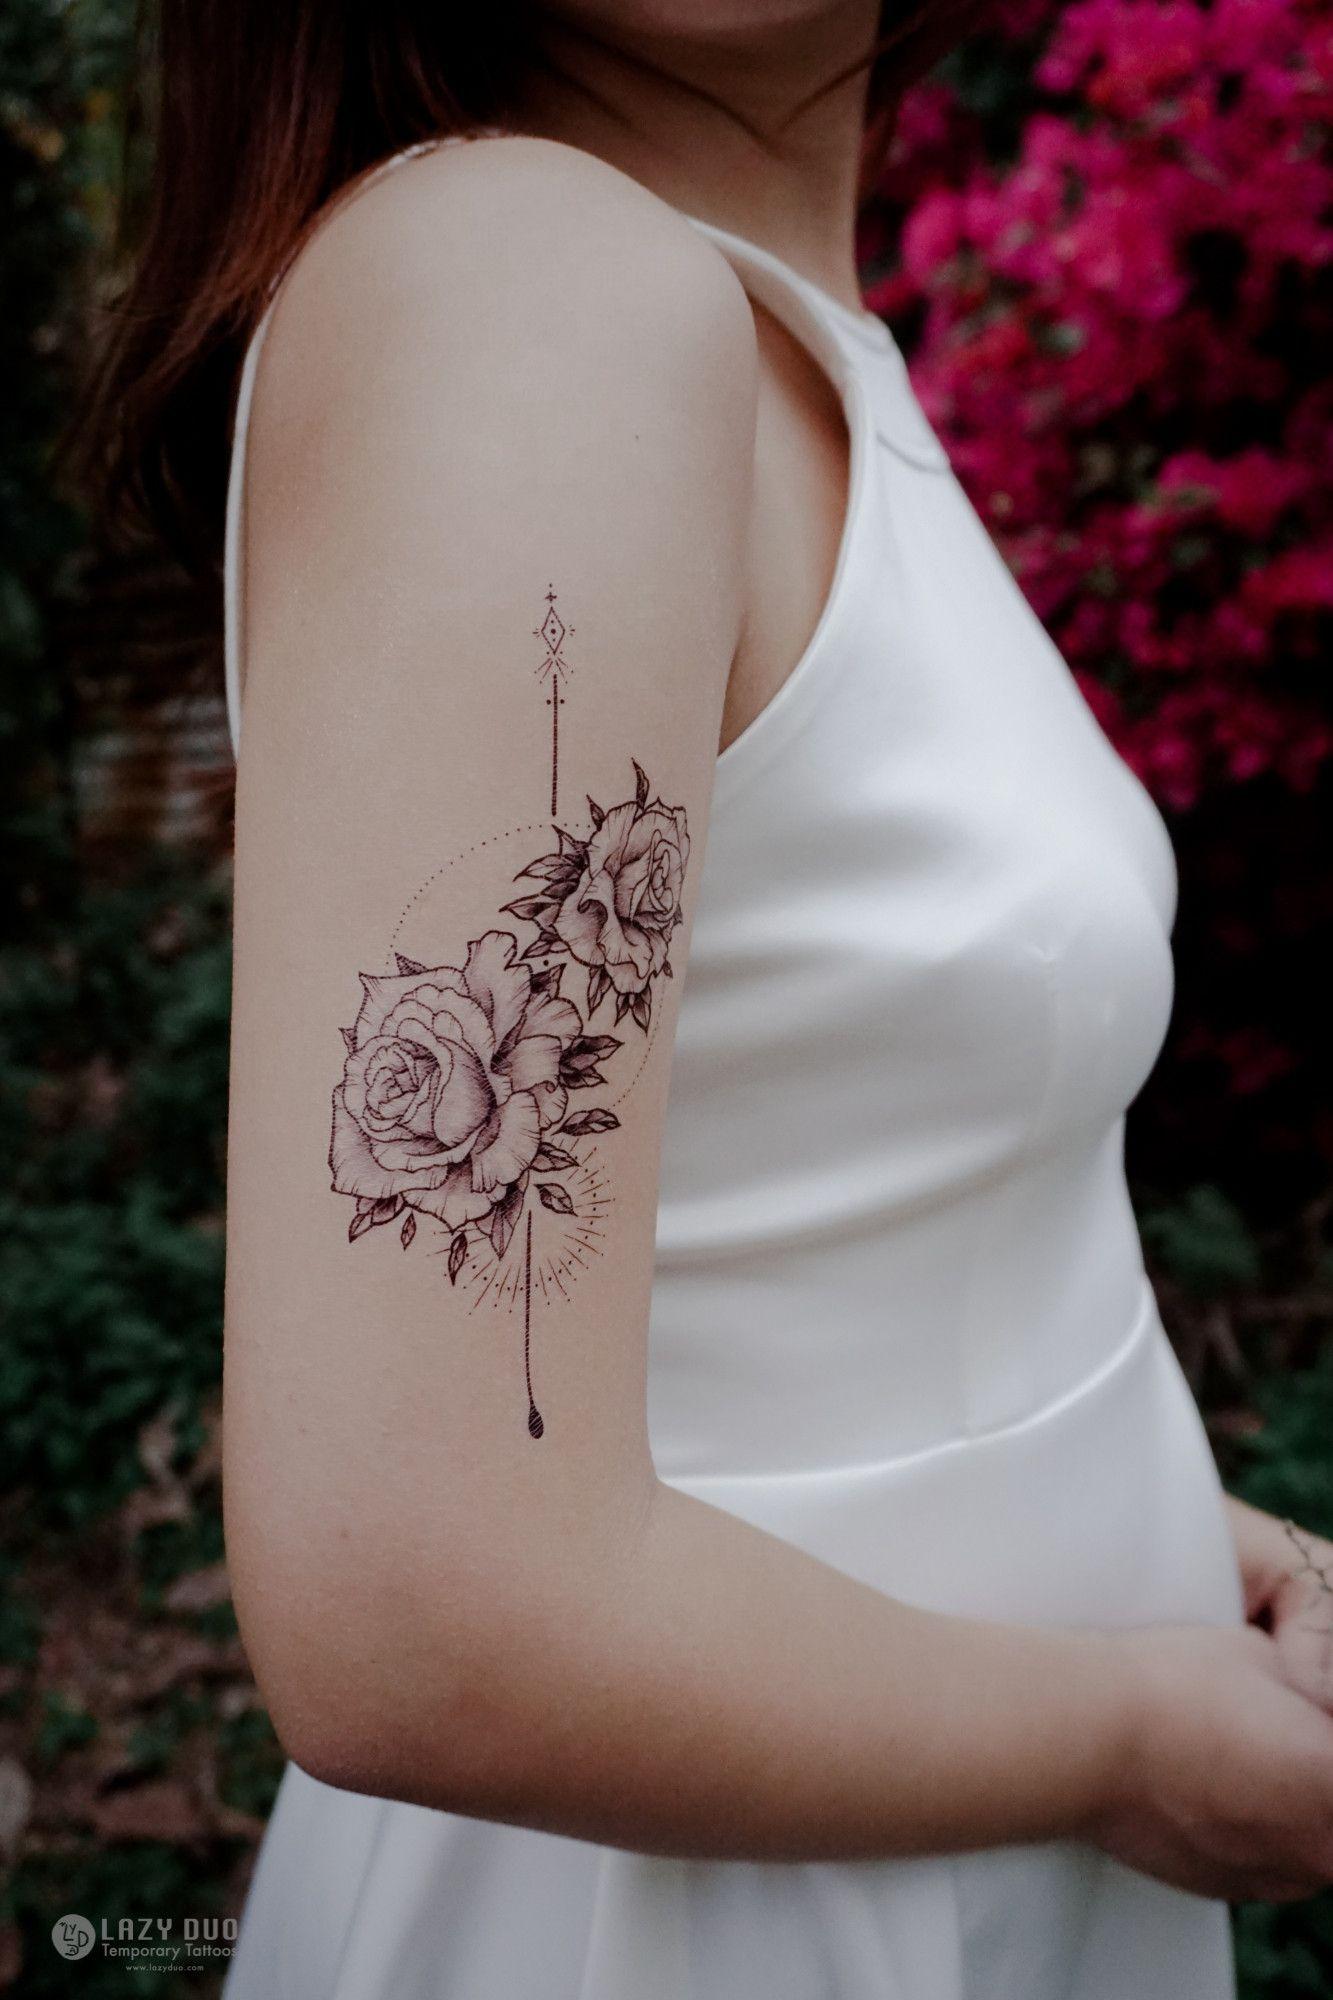 fe58425d1 Rose Alchemist Tattoo idea Female tattoo Artistic Tattoo ARm Tattoo  Romantic Tattoo Spiritual Tattoo Black Work